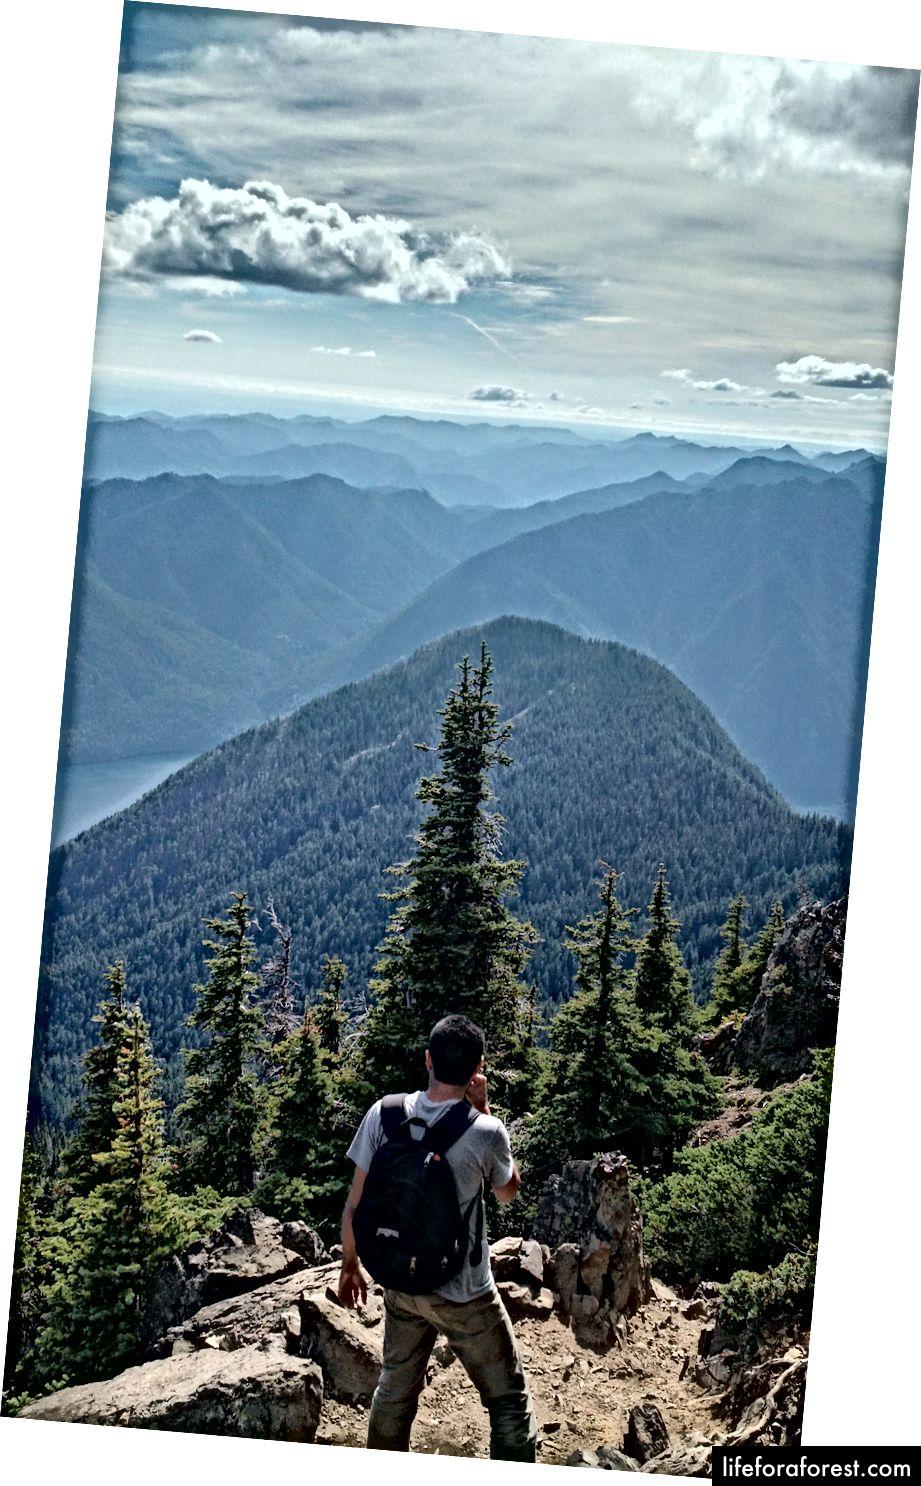 Tôi có thể đảm bảo bạn sẽ thắng được nếu bạn leo lên đỉnh Mt. Ellinor, phía tây Seattle. (Ảnh của Eric Goldschein)